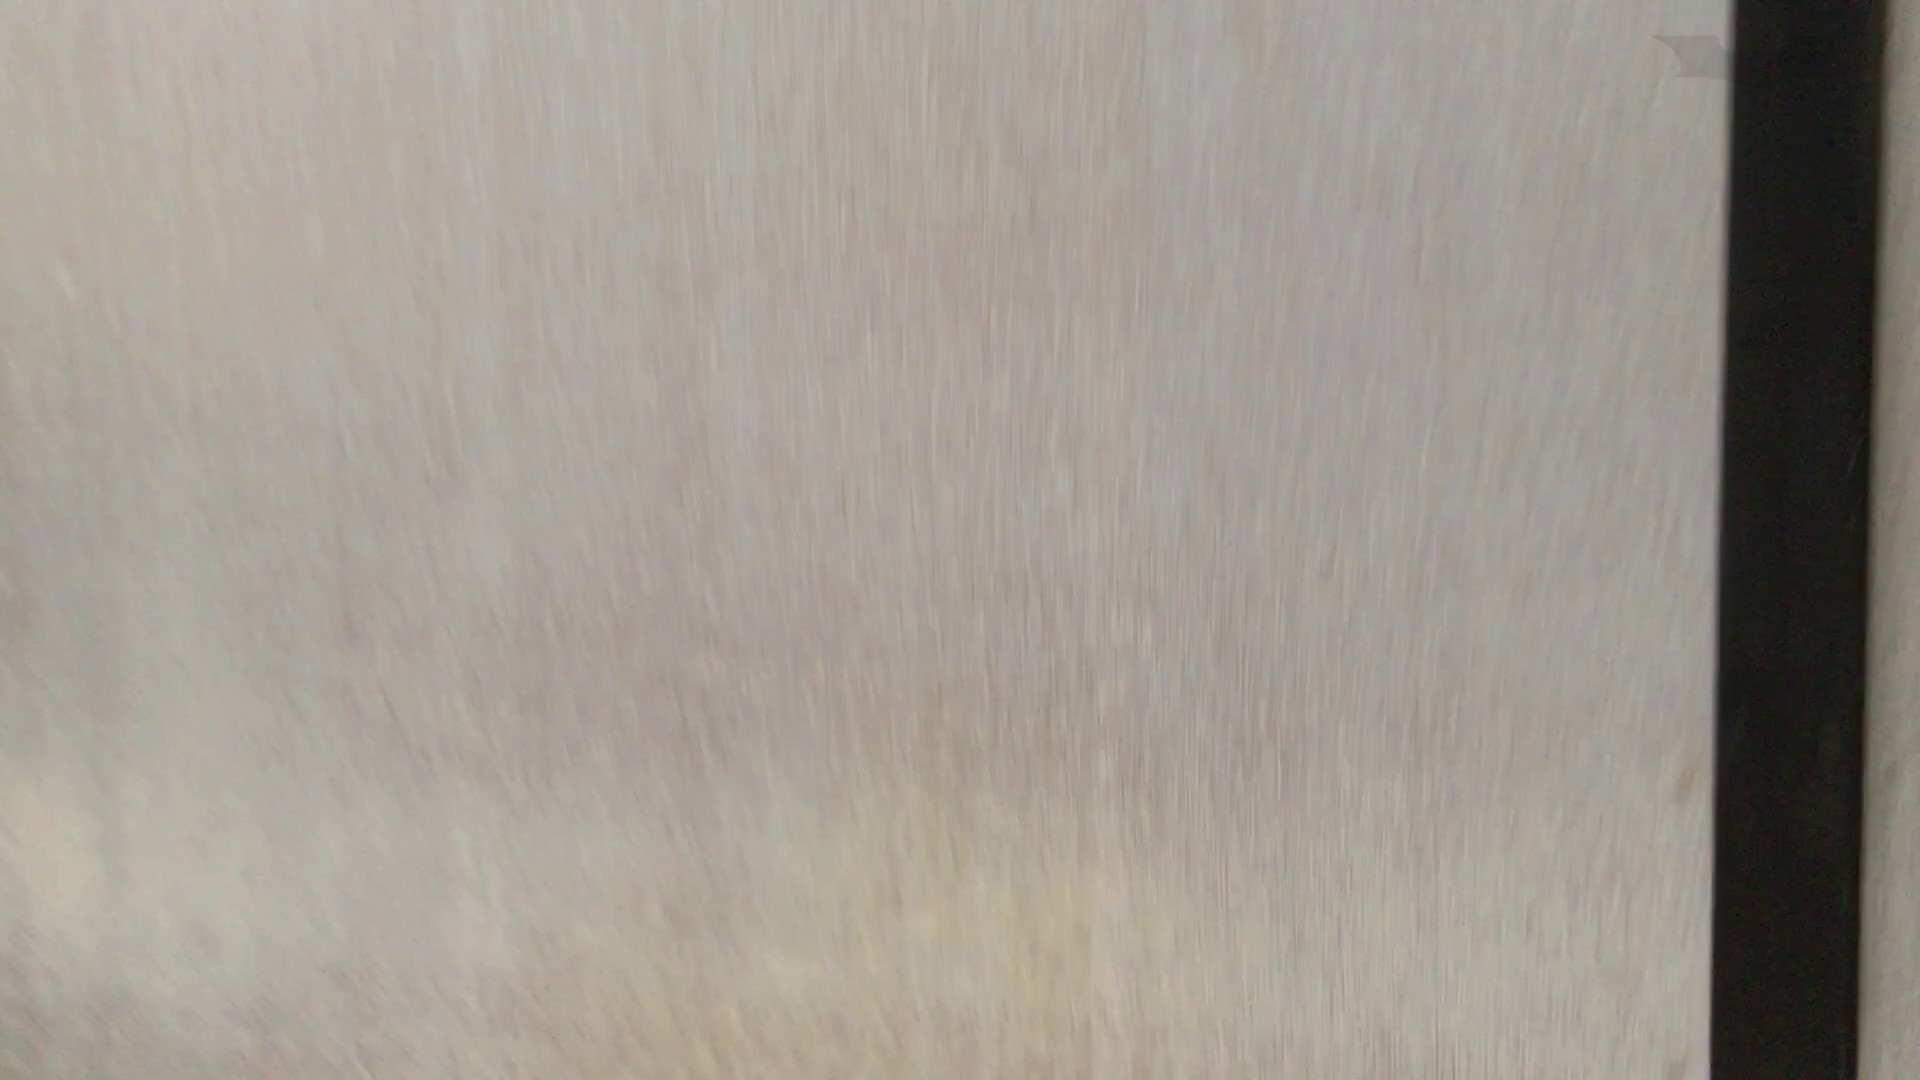 芸術大学ガチ潜入盗sati JD盗撮 美女の洗面所の秘密 Vol.95 マンコ  95PIX 3